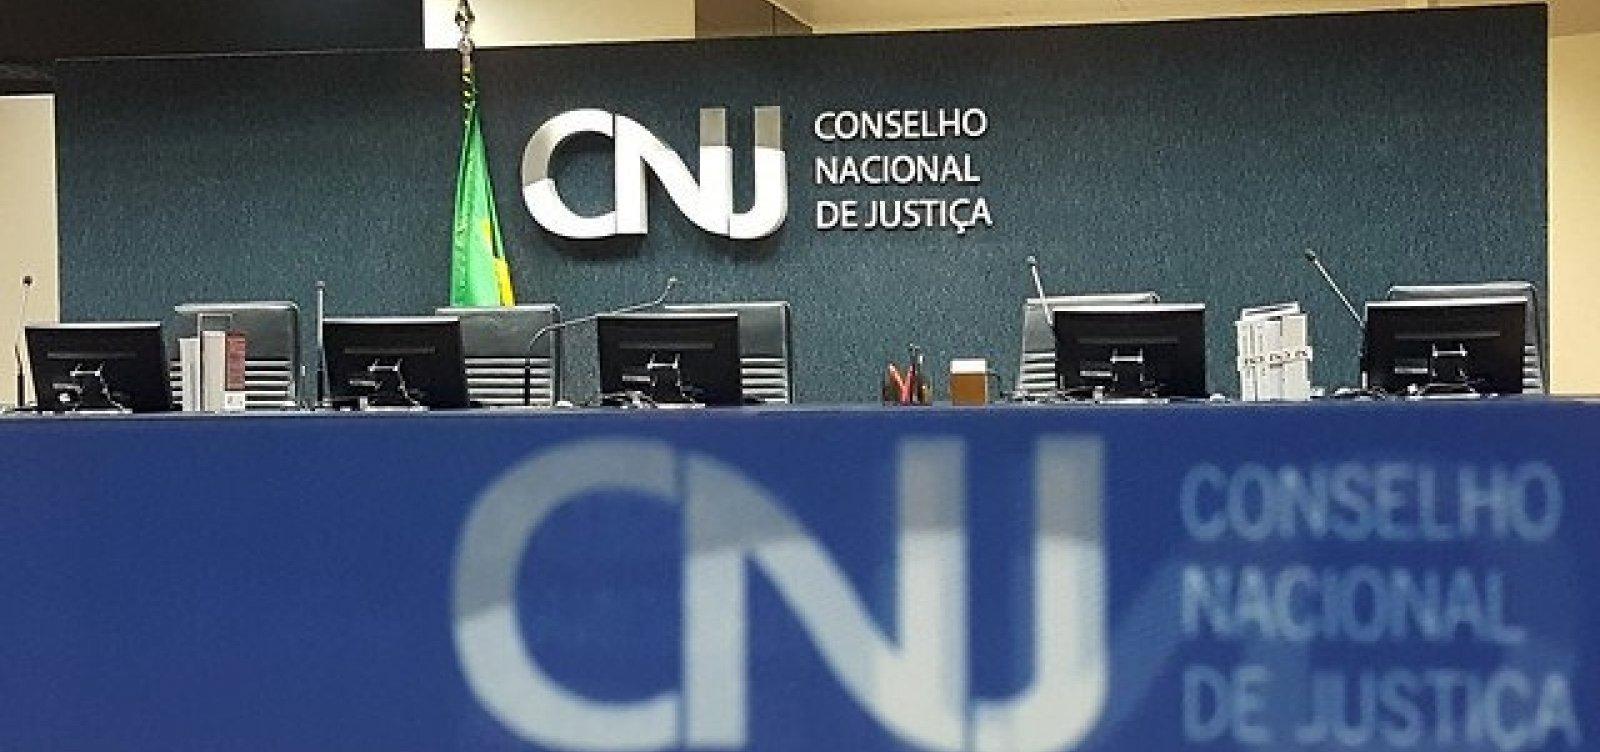 CNJ abre processo contra juiz por determinar precatórios indevidos à prefeitura de Salvador